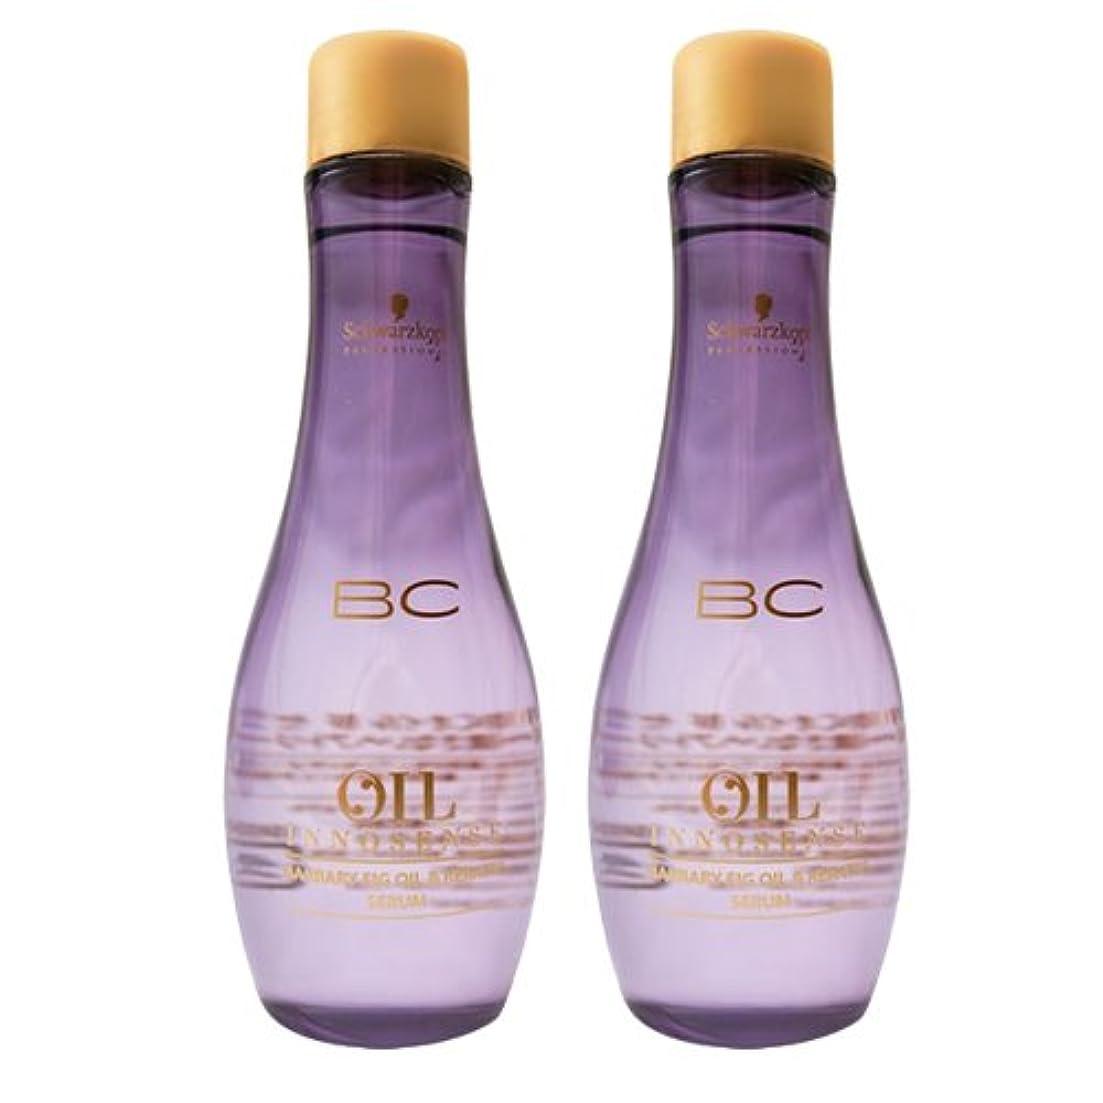 合理化飲料提案するシュワルツコフ BCオイル バーバリーフィグ オイルセラム 100mL ×2個 セット